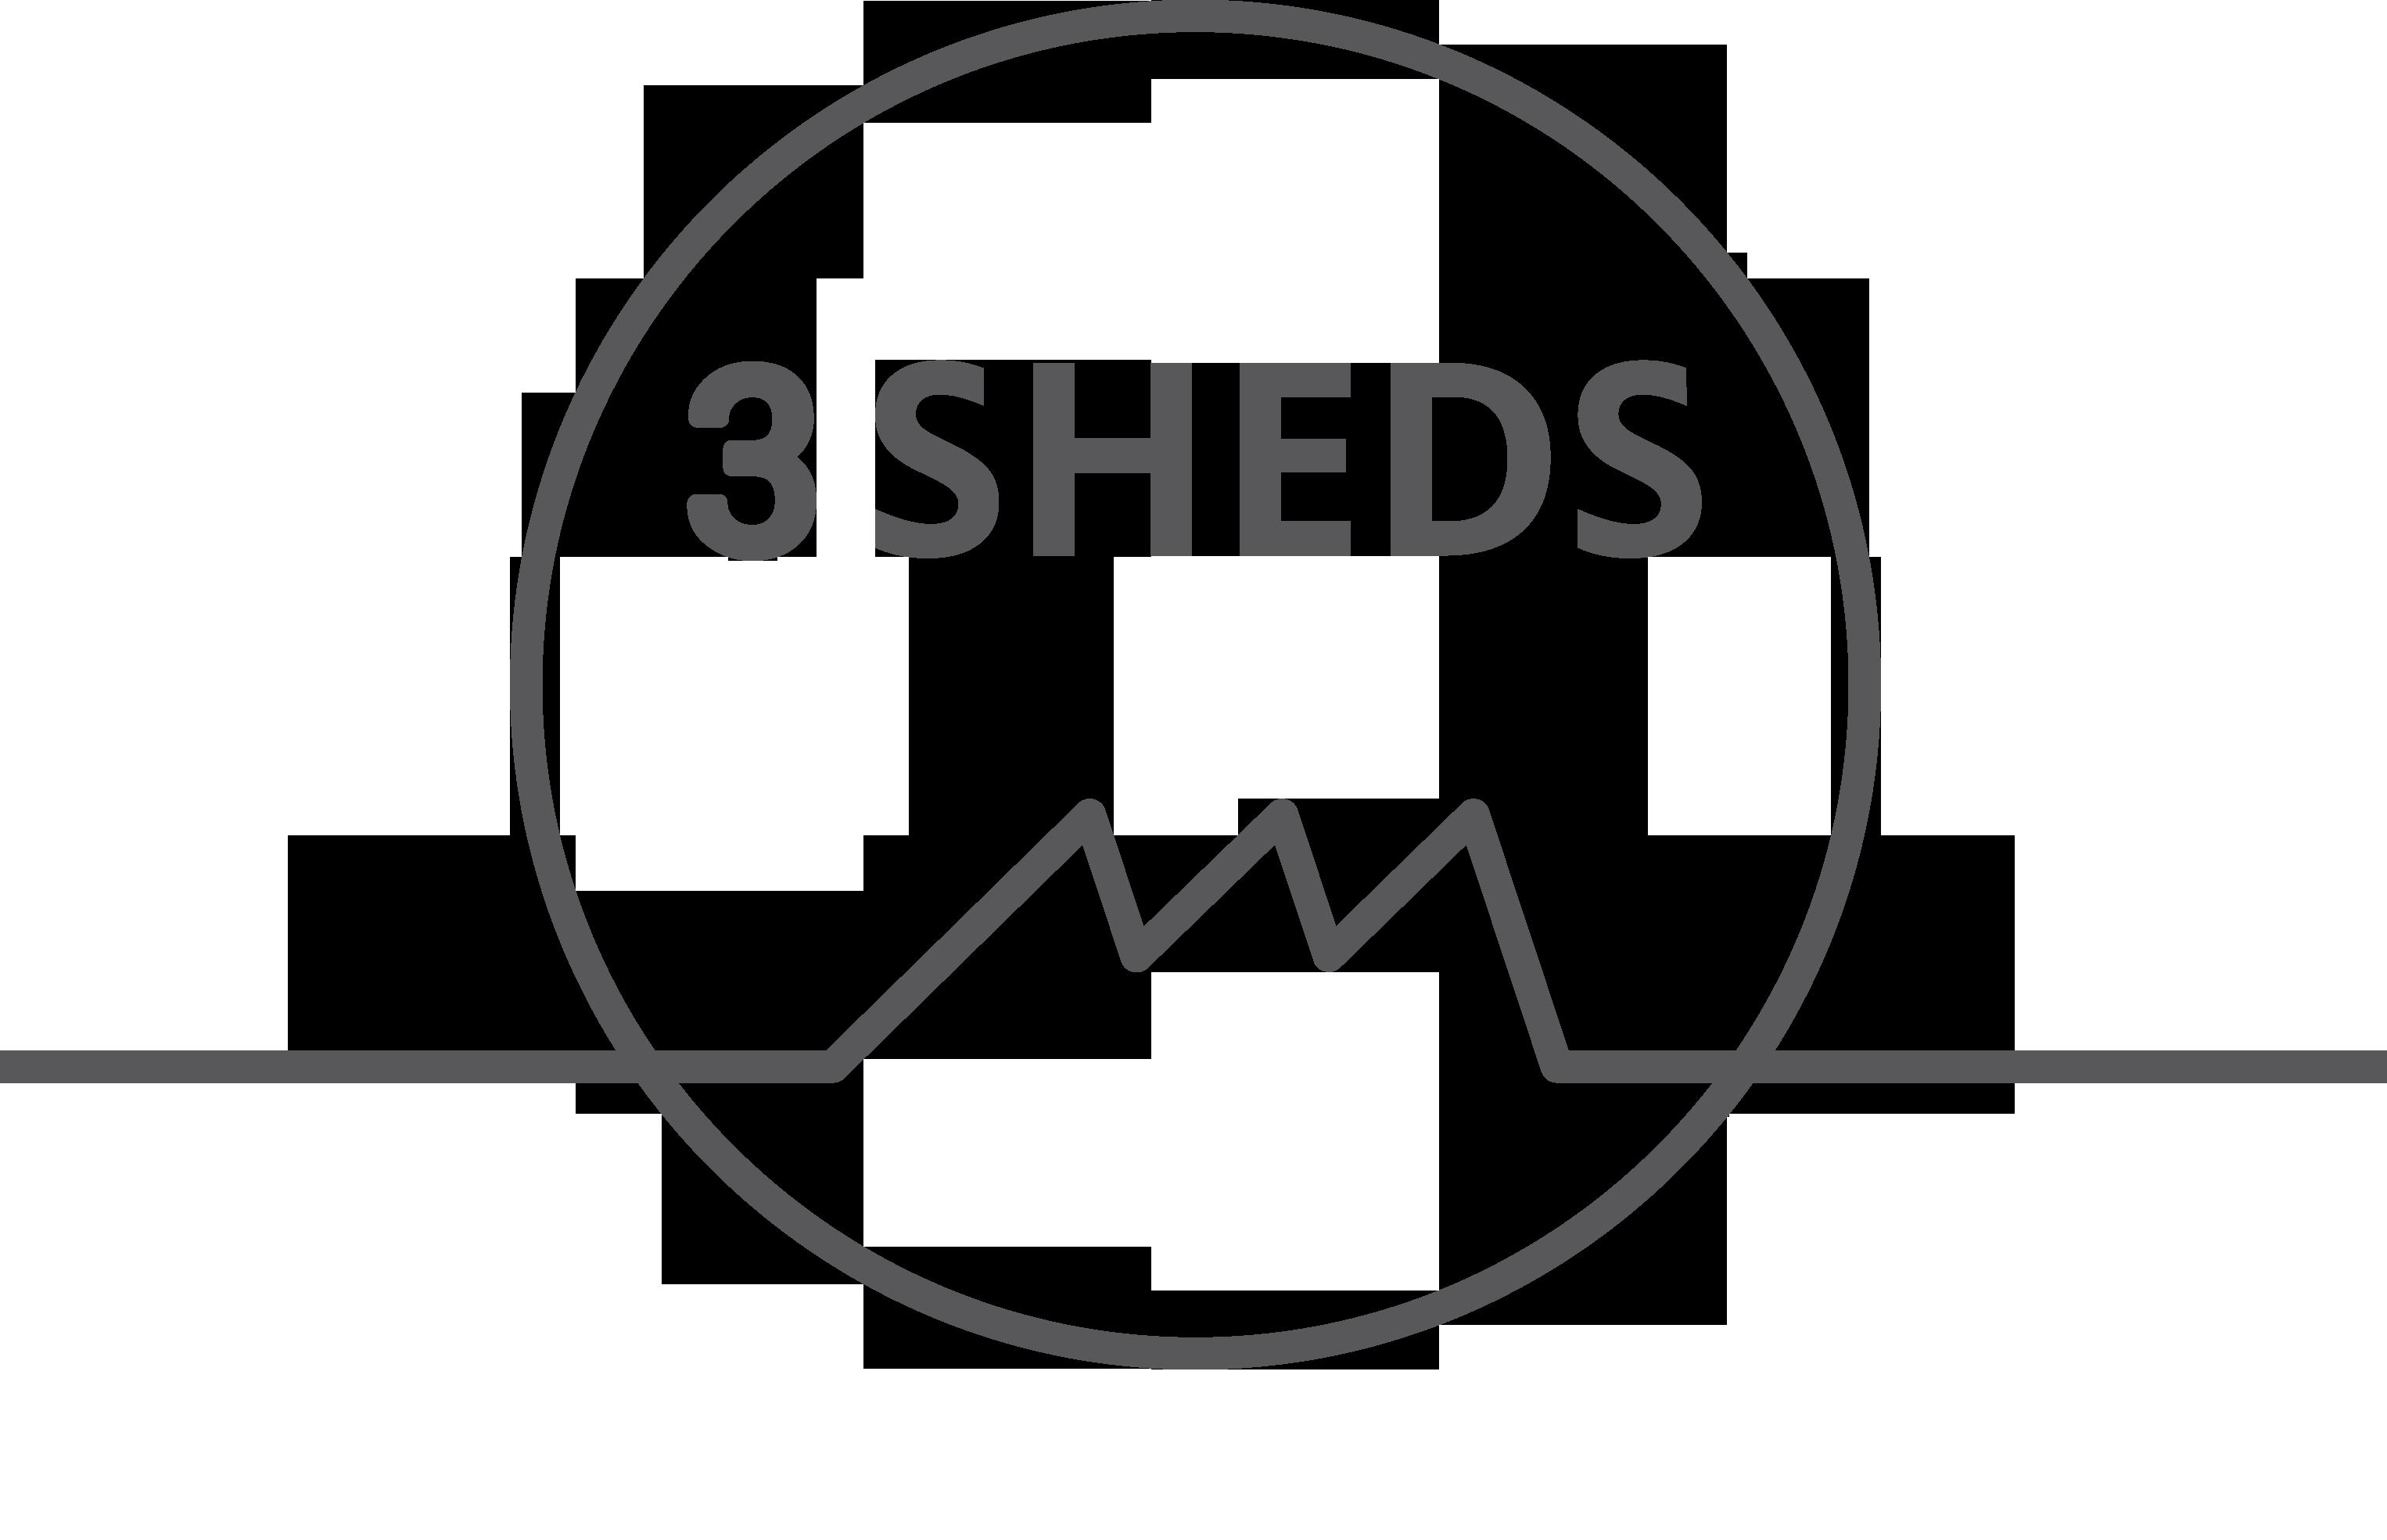 3SHEDS